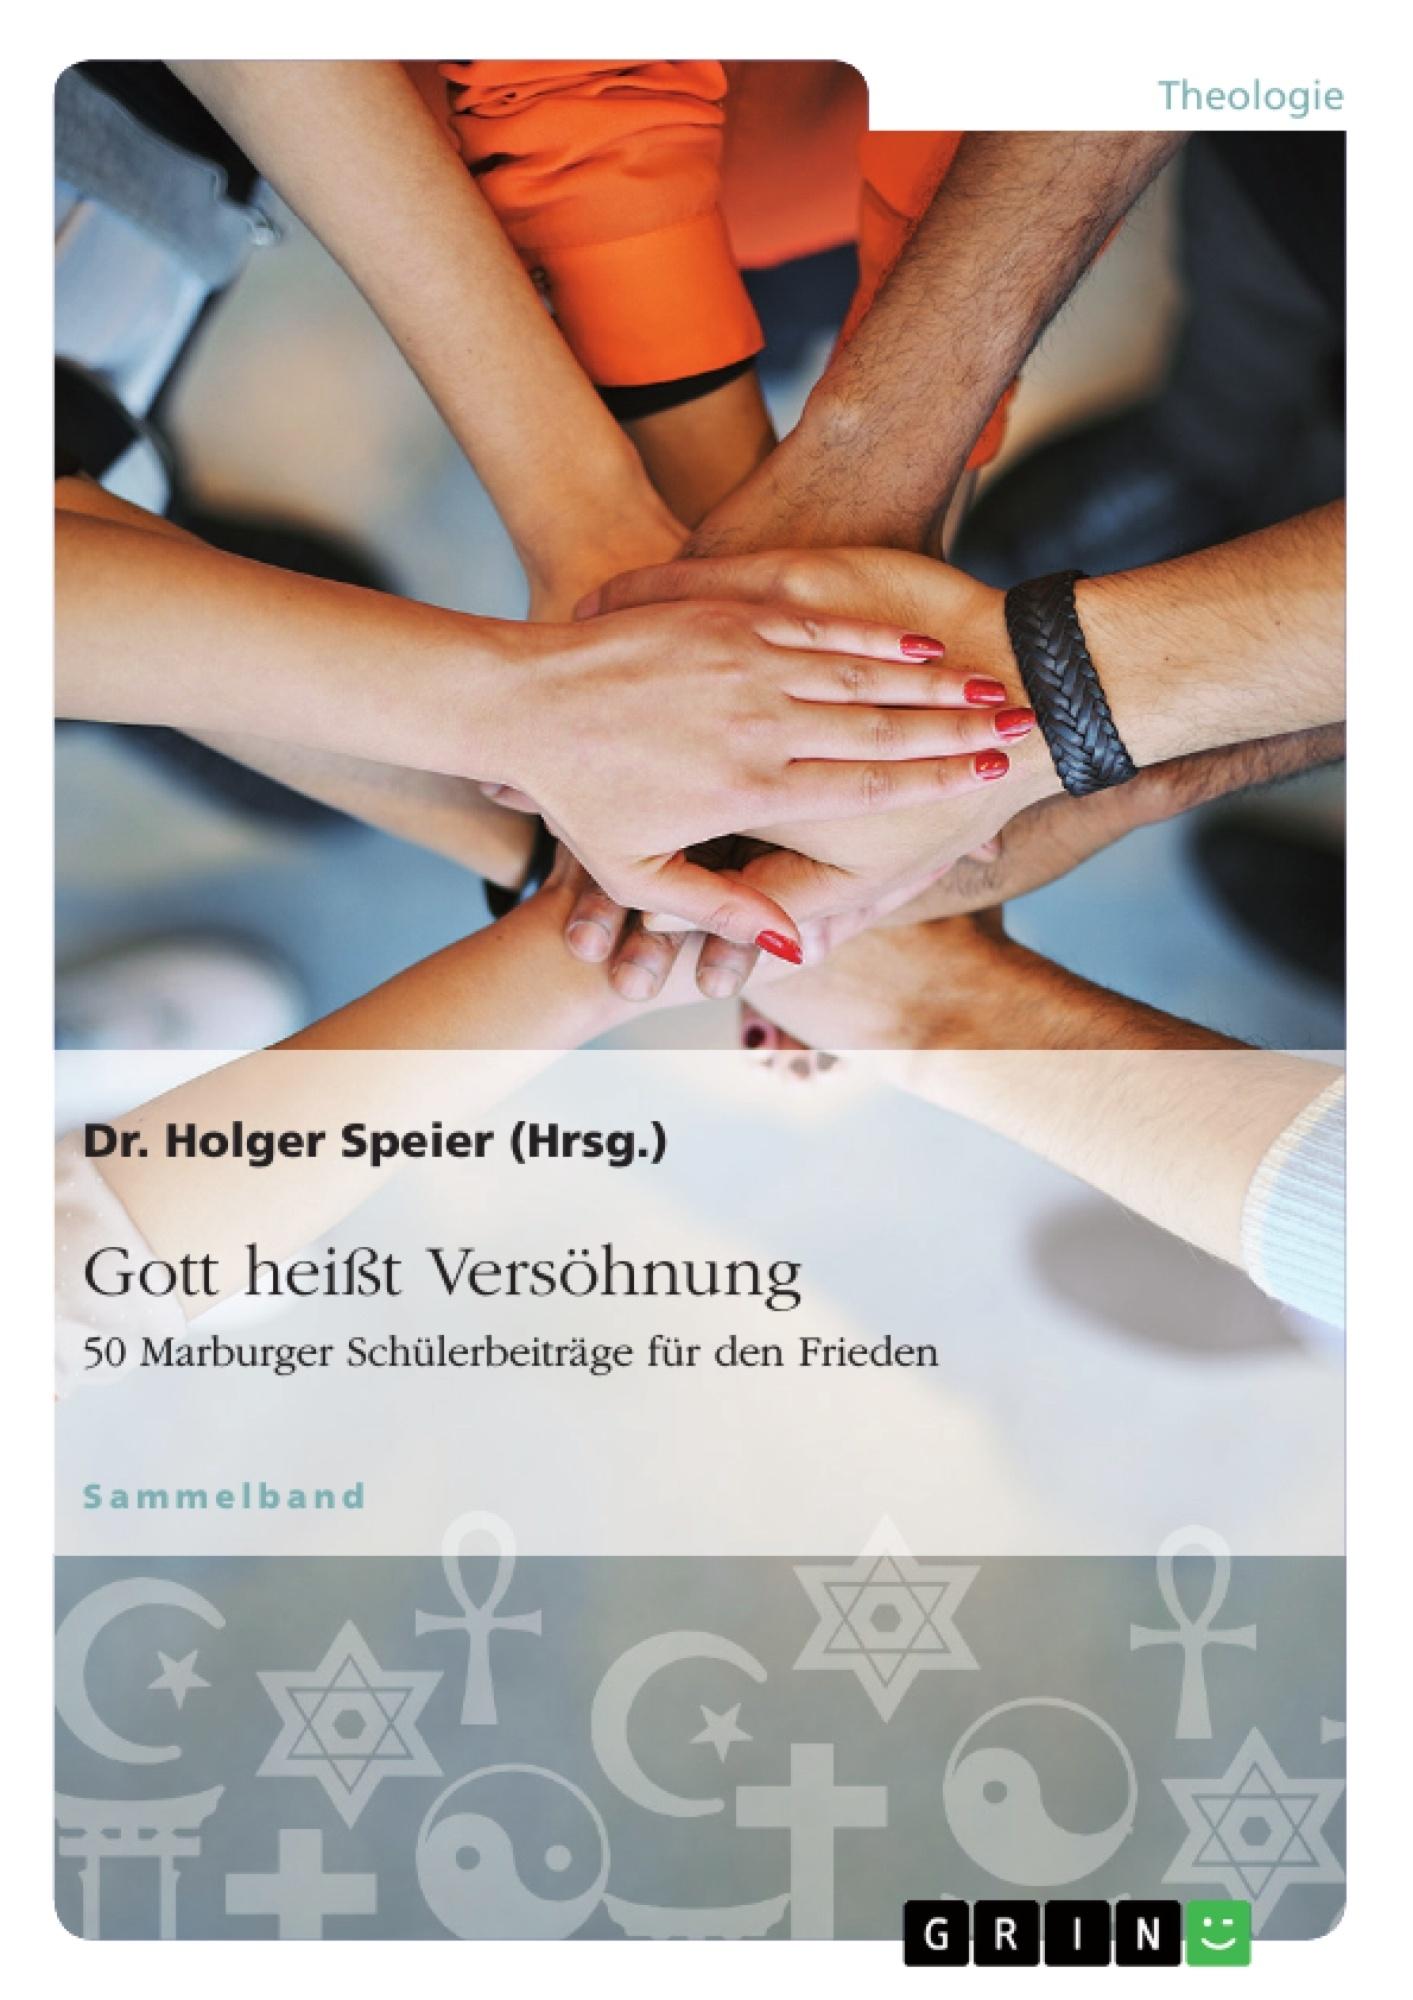 Titel: Gott heißt Versöhnung. 50 Marburger Schülerbeiträge für den Frieden